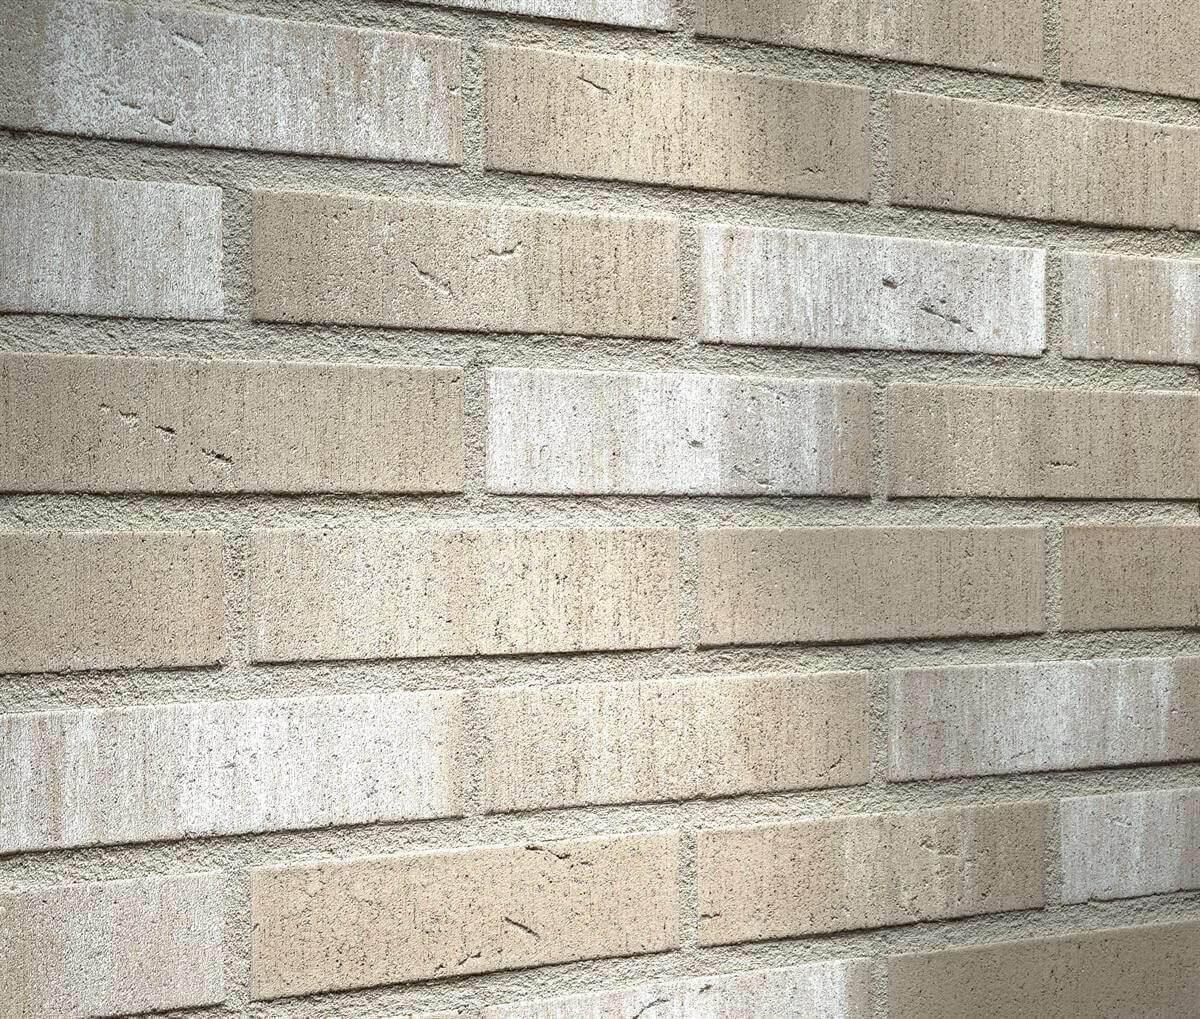 Feldhaus Klinker - R772NF14, Vascu Argo Luminos, 240х71х14 - Клинкерная плитка для фасада и внутренней отделки